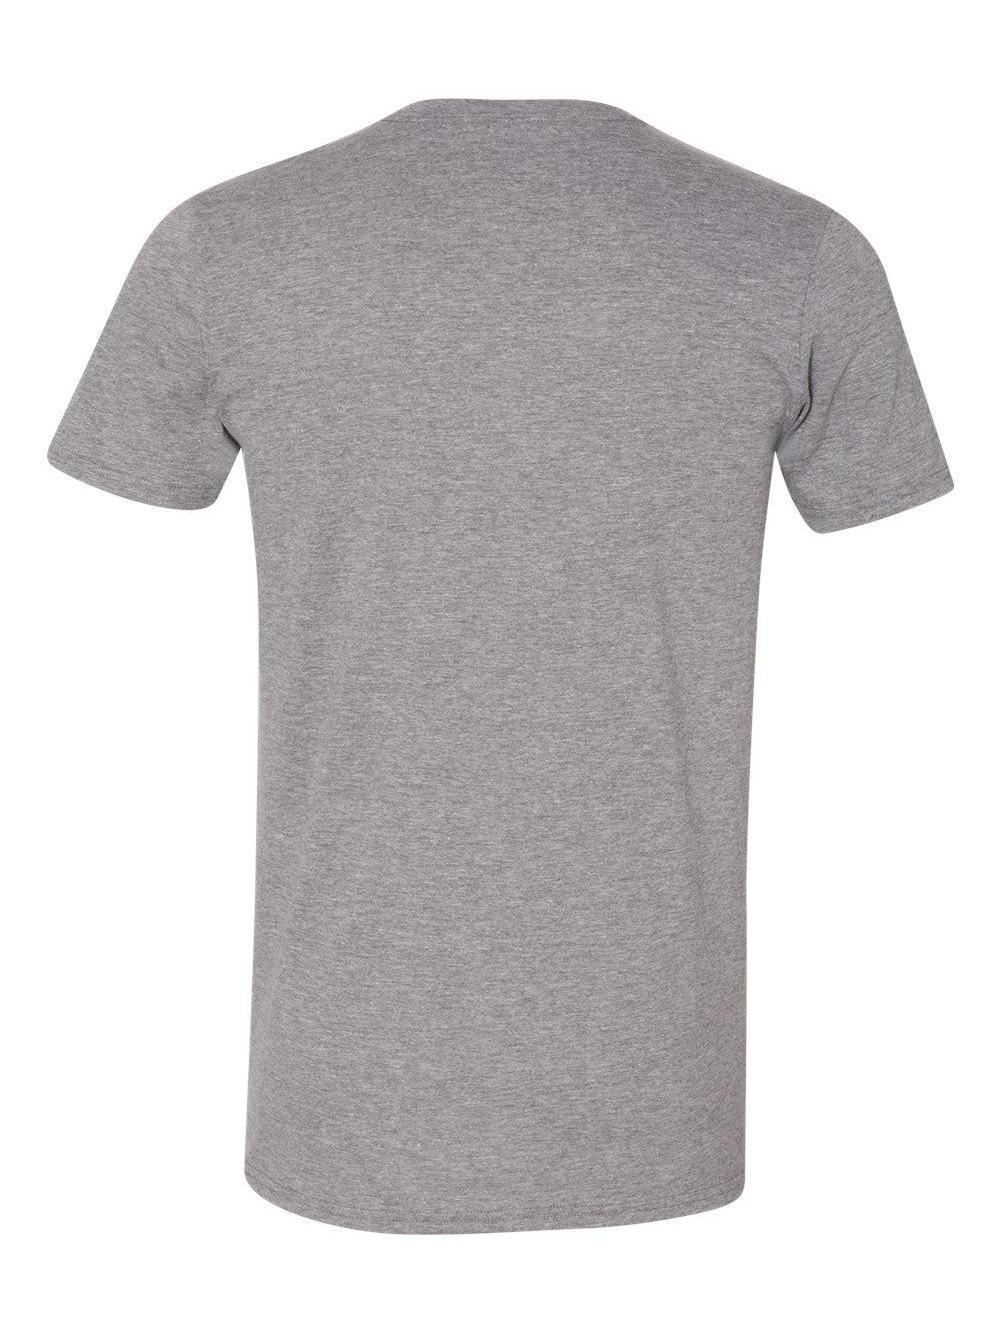 Anvil-Lightweight-Ringspun-V-Neck-T-Shirt-982 thumbnail 10